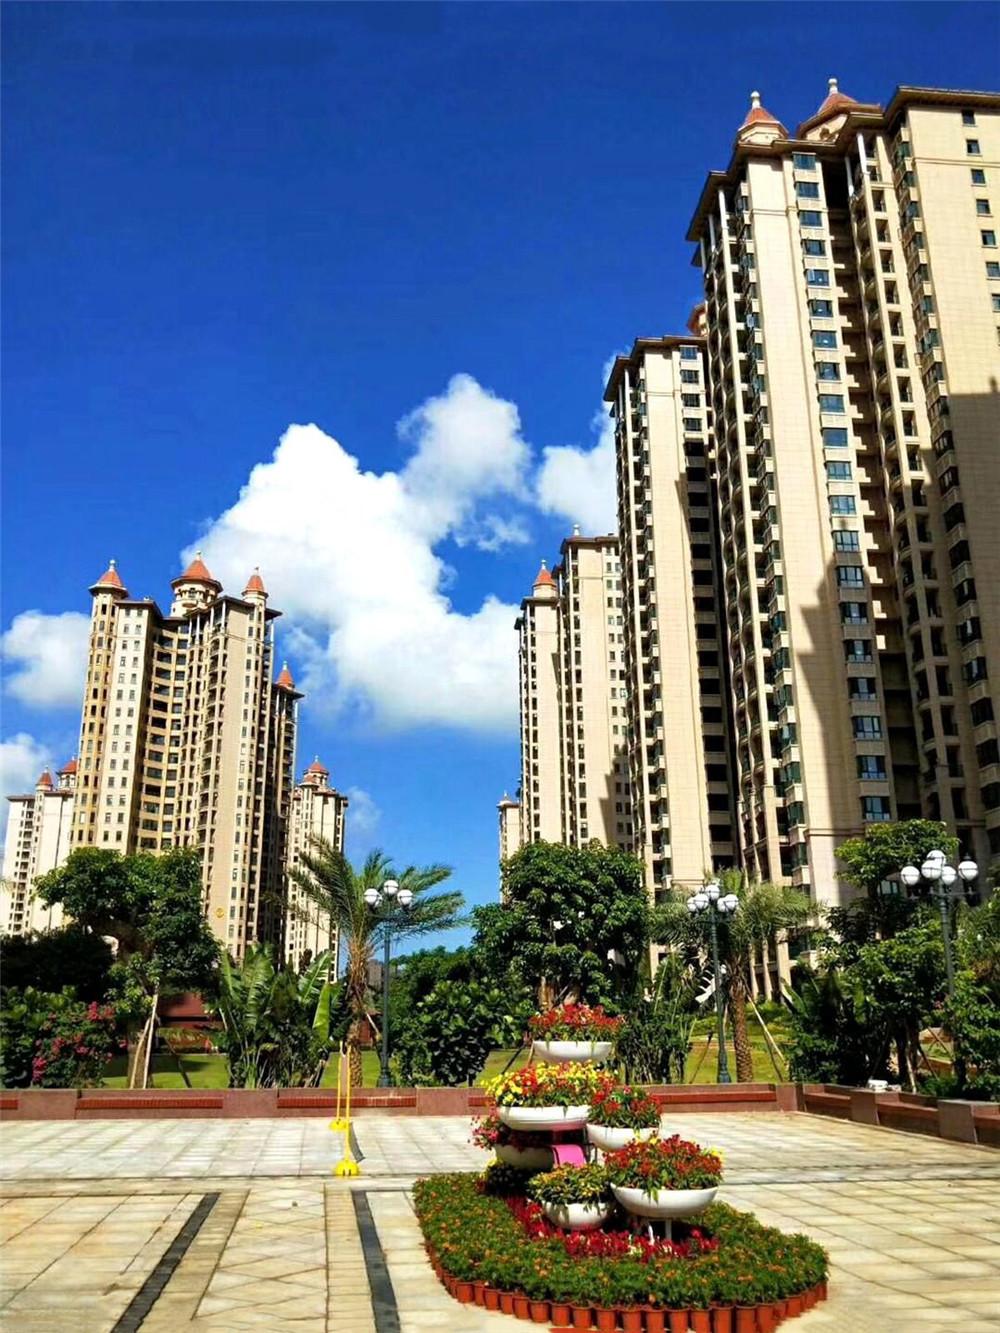 http://yuefangwangimg.oss-cn-hangzhou.aliyuncs.com/uploads/20191115/4ea5d5a4906984bf01b976d5382cb982Max.jpg